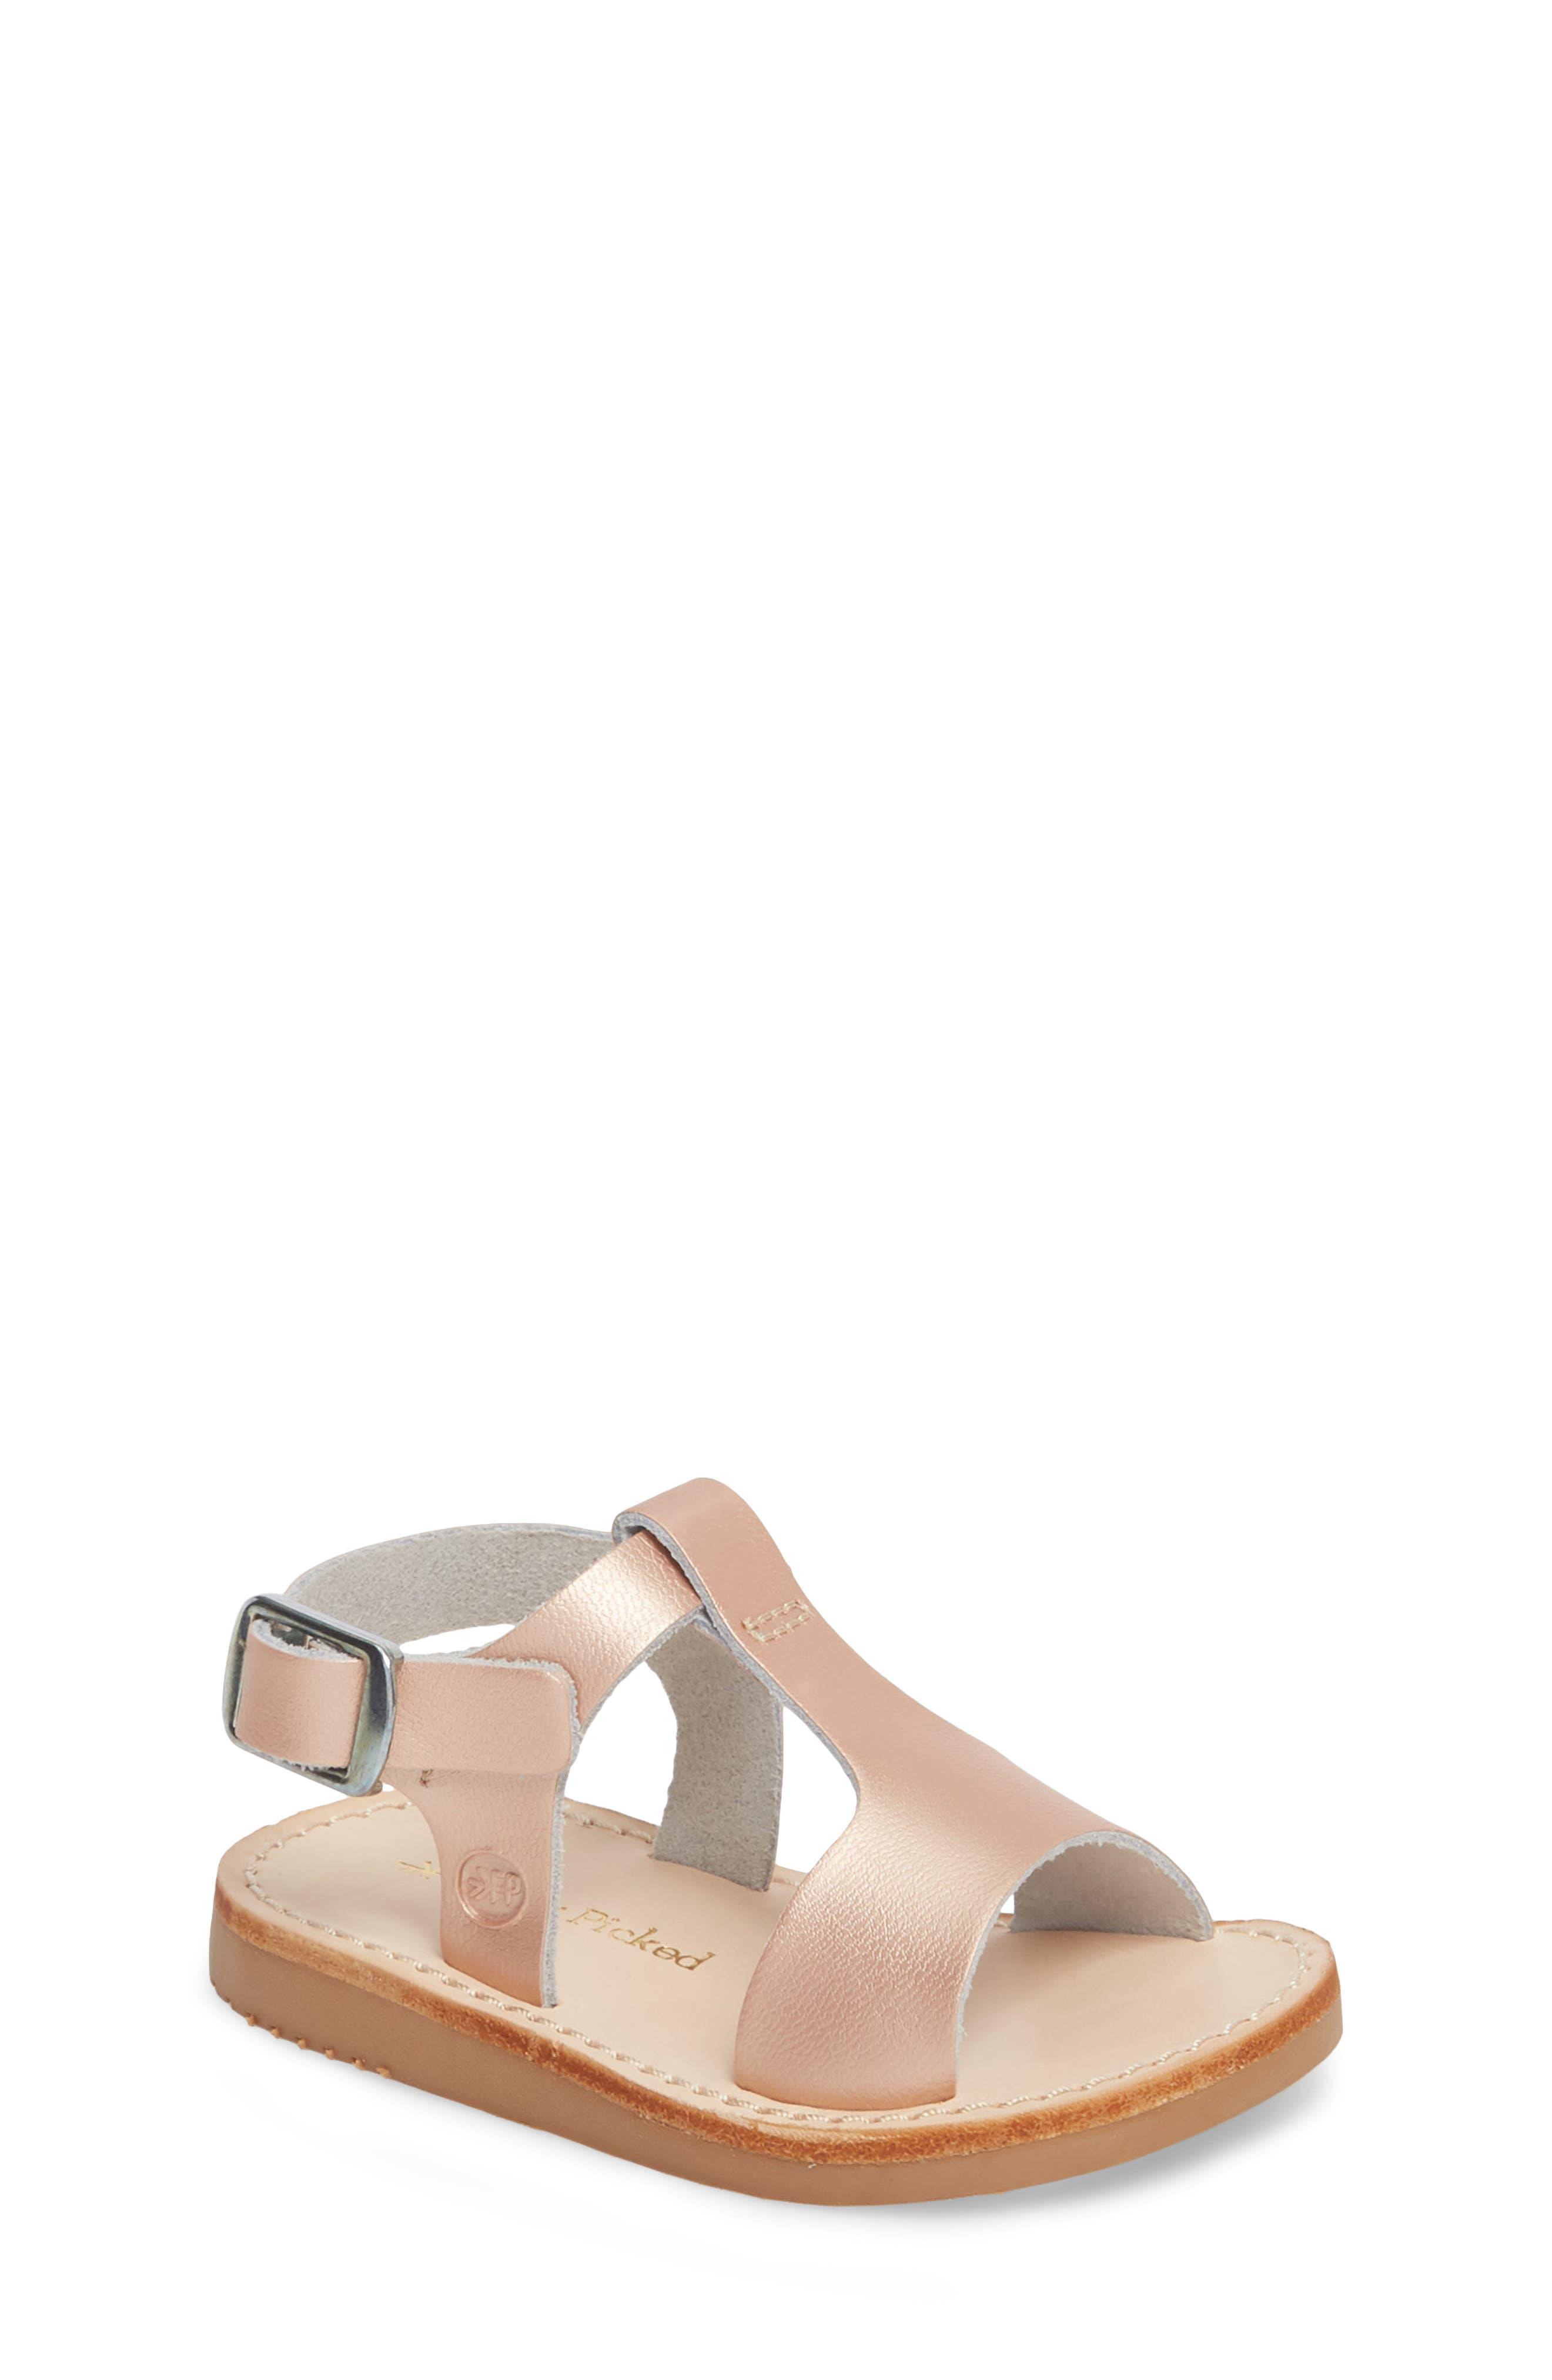 Malibu Water Resistant Sandal,                             Main thumbnail 1, color,                             ROSE GOLD